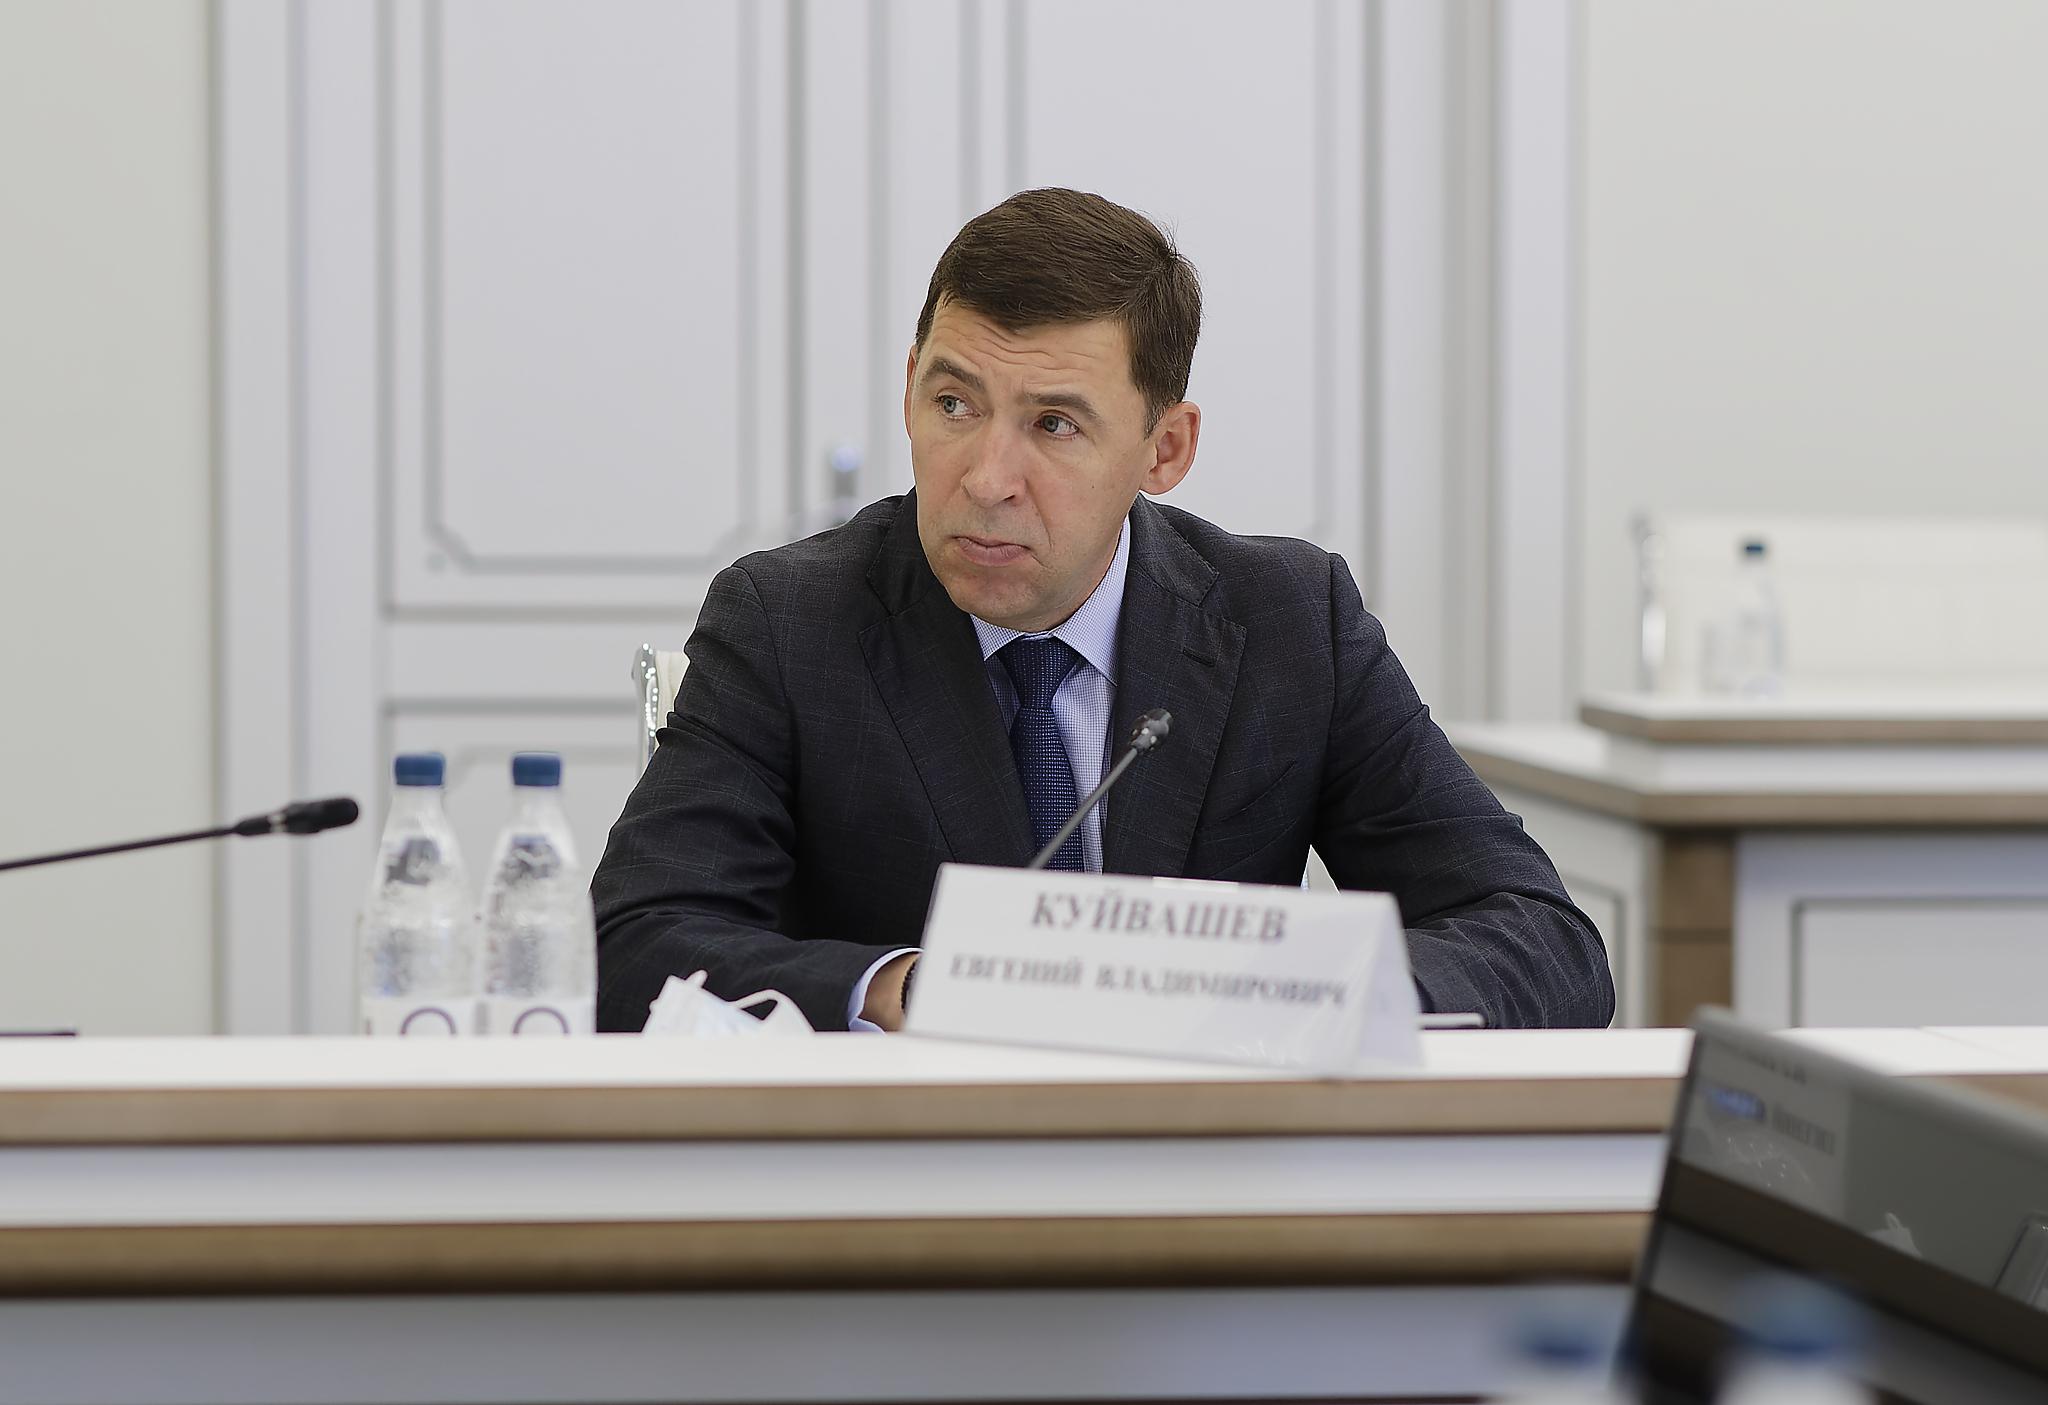 Фото предоставлено пресс-службой Минстроя России